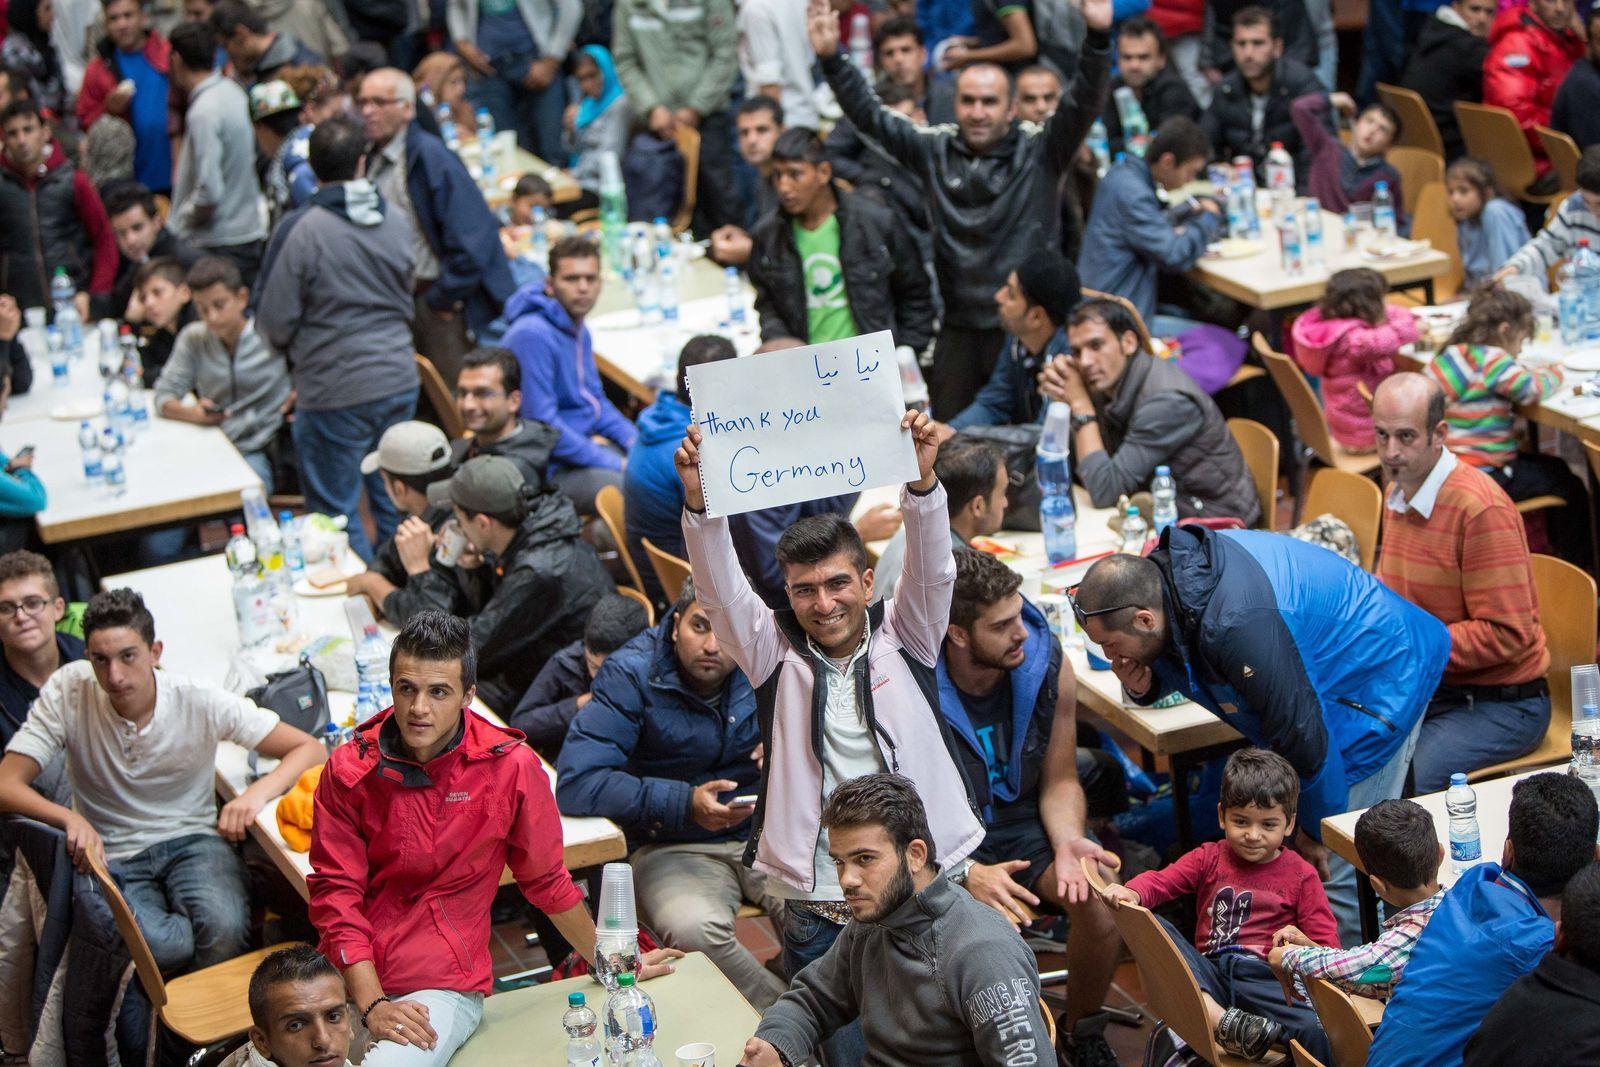 NRW nimmt mehr als 1000 Flüchtlinge auf